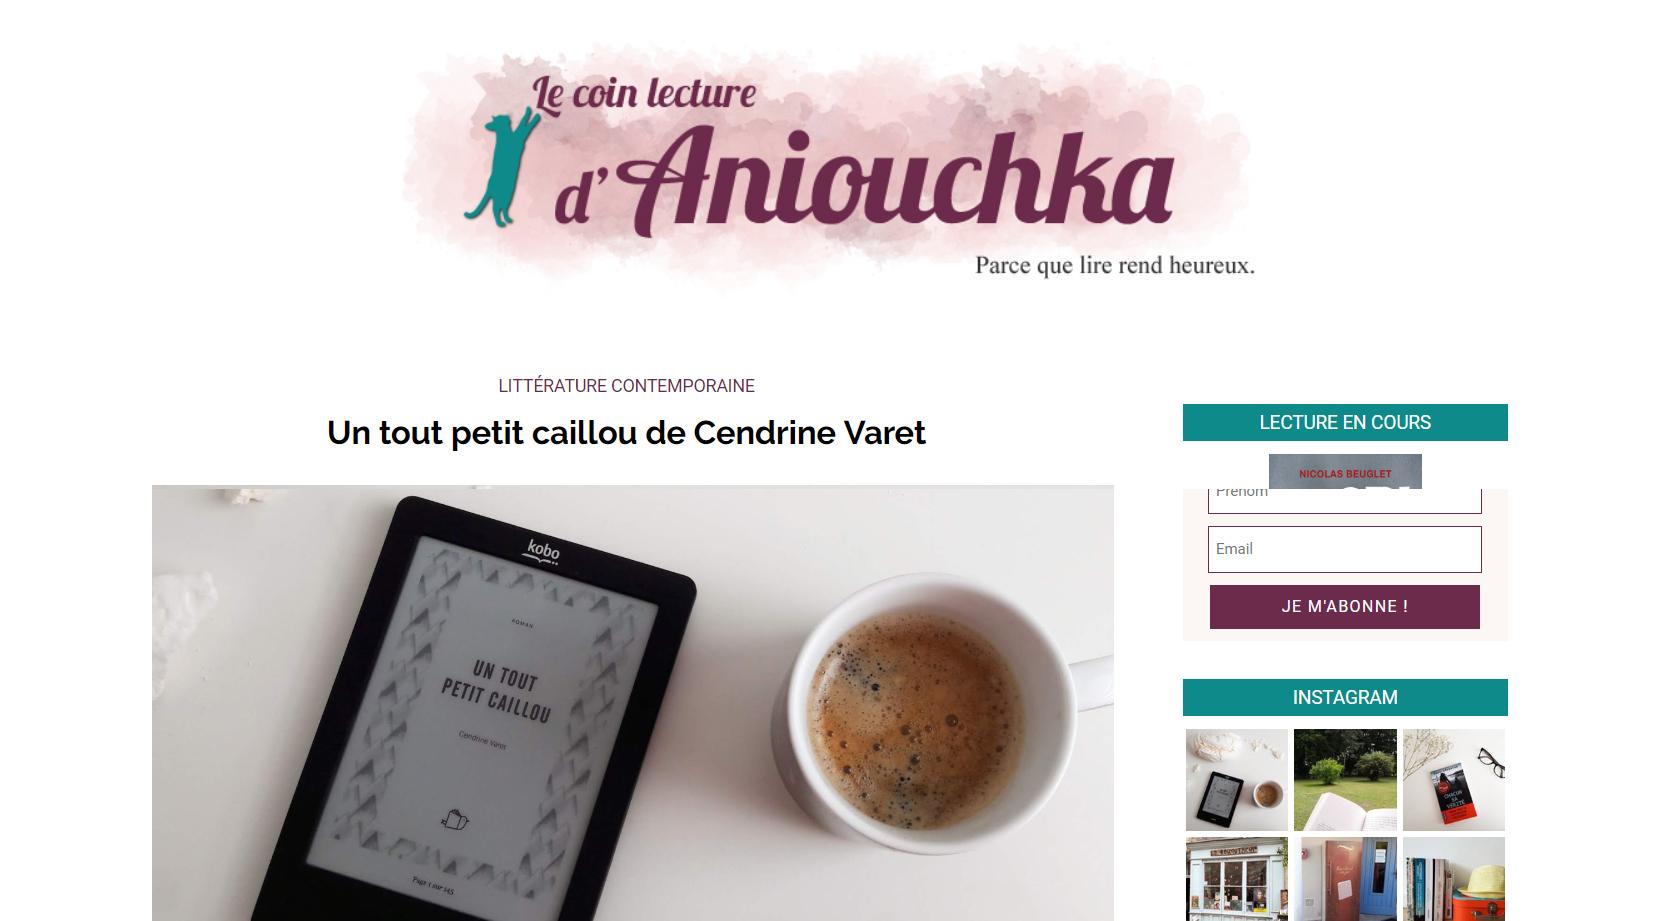 Le coin lecture d'Aniouchka : Un tout petit caillou